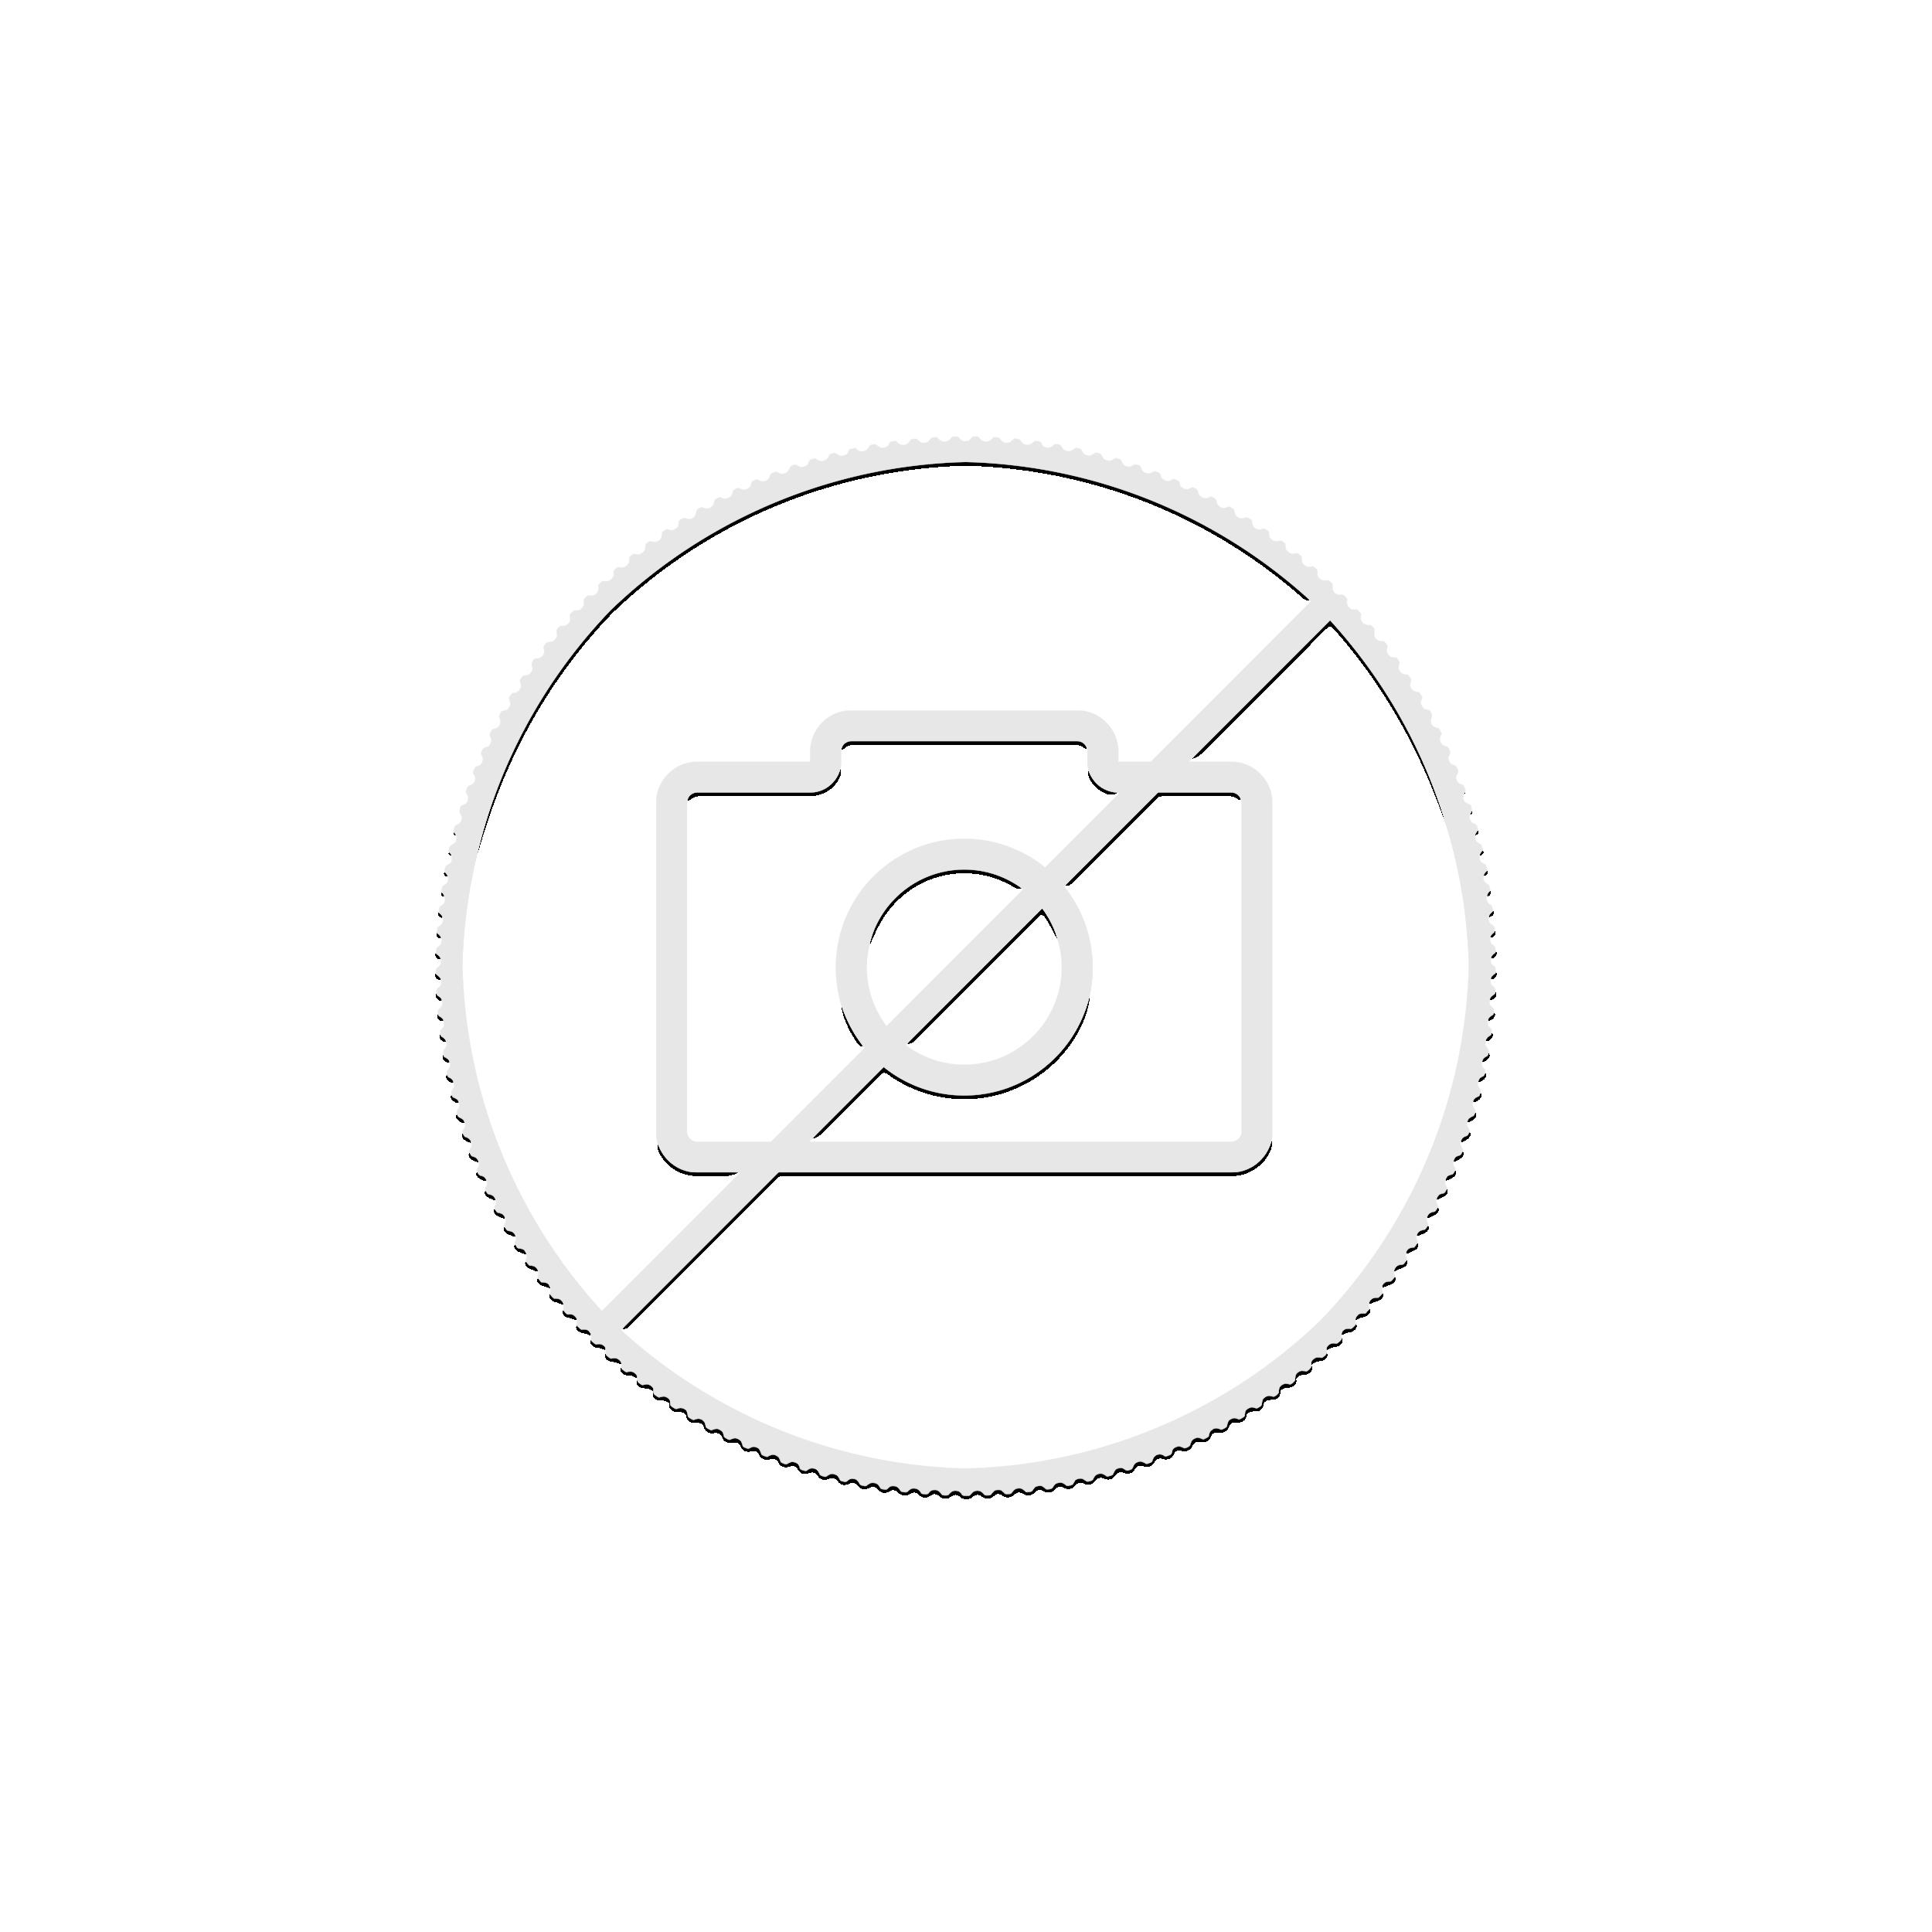 1 troy ounce zilveren munt Disney Frozen - zusjes voor altijd 2020 Proof